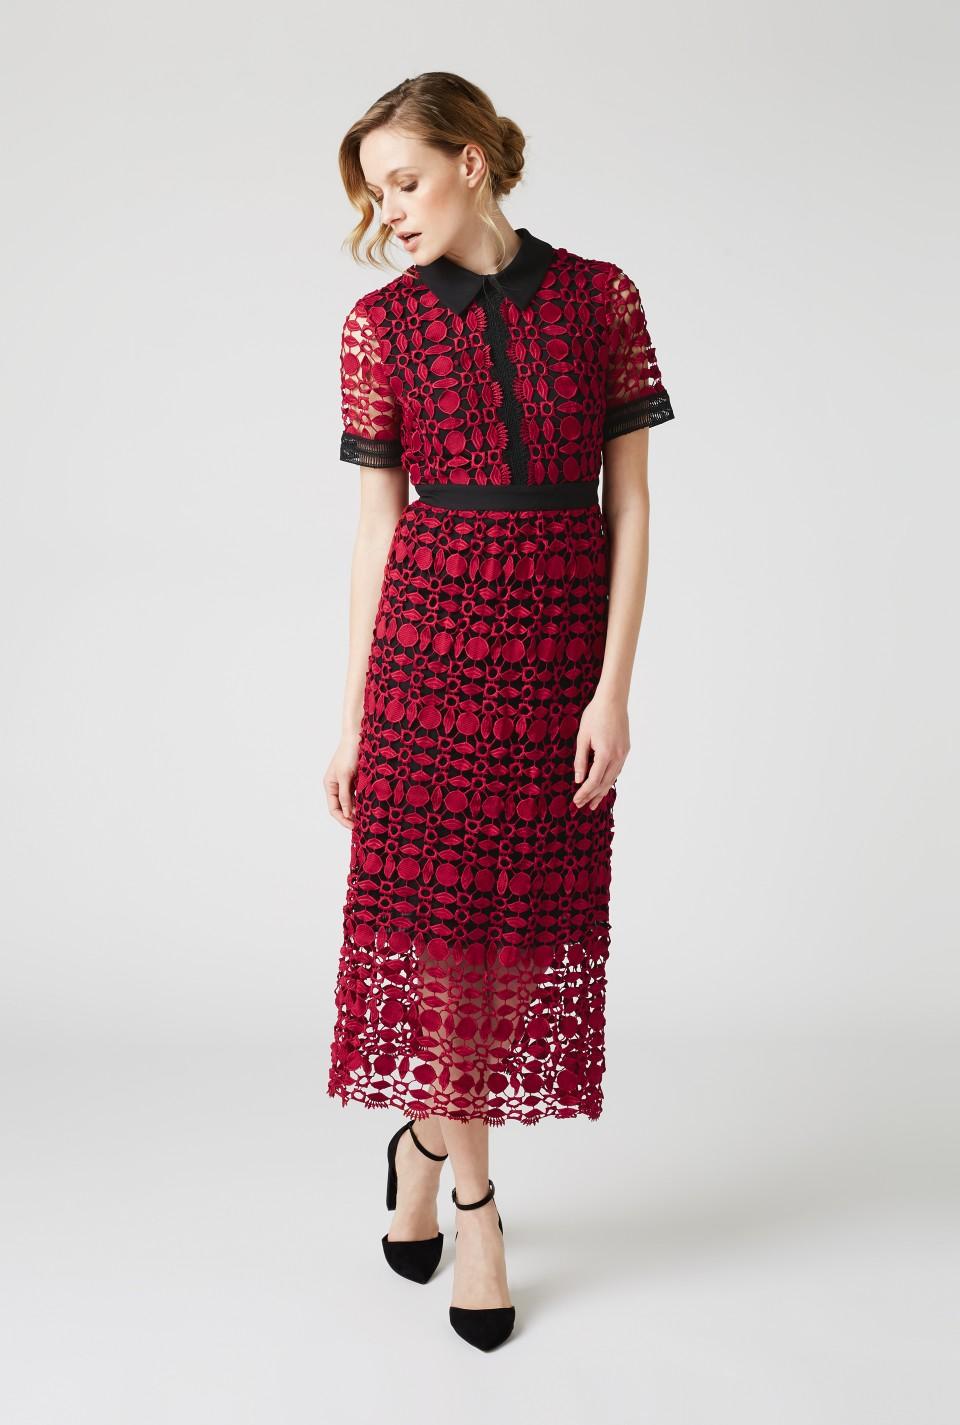 jameslakeland.net/clothing/dresses/lace-shirt-neck-dress.html